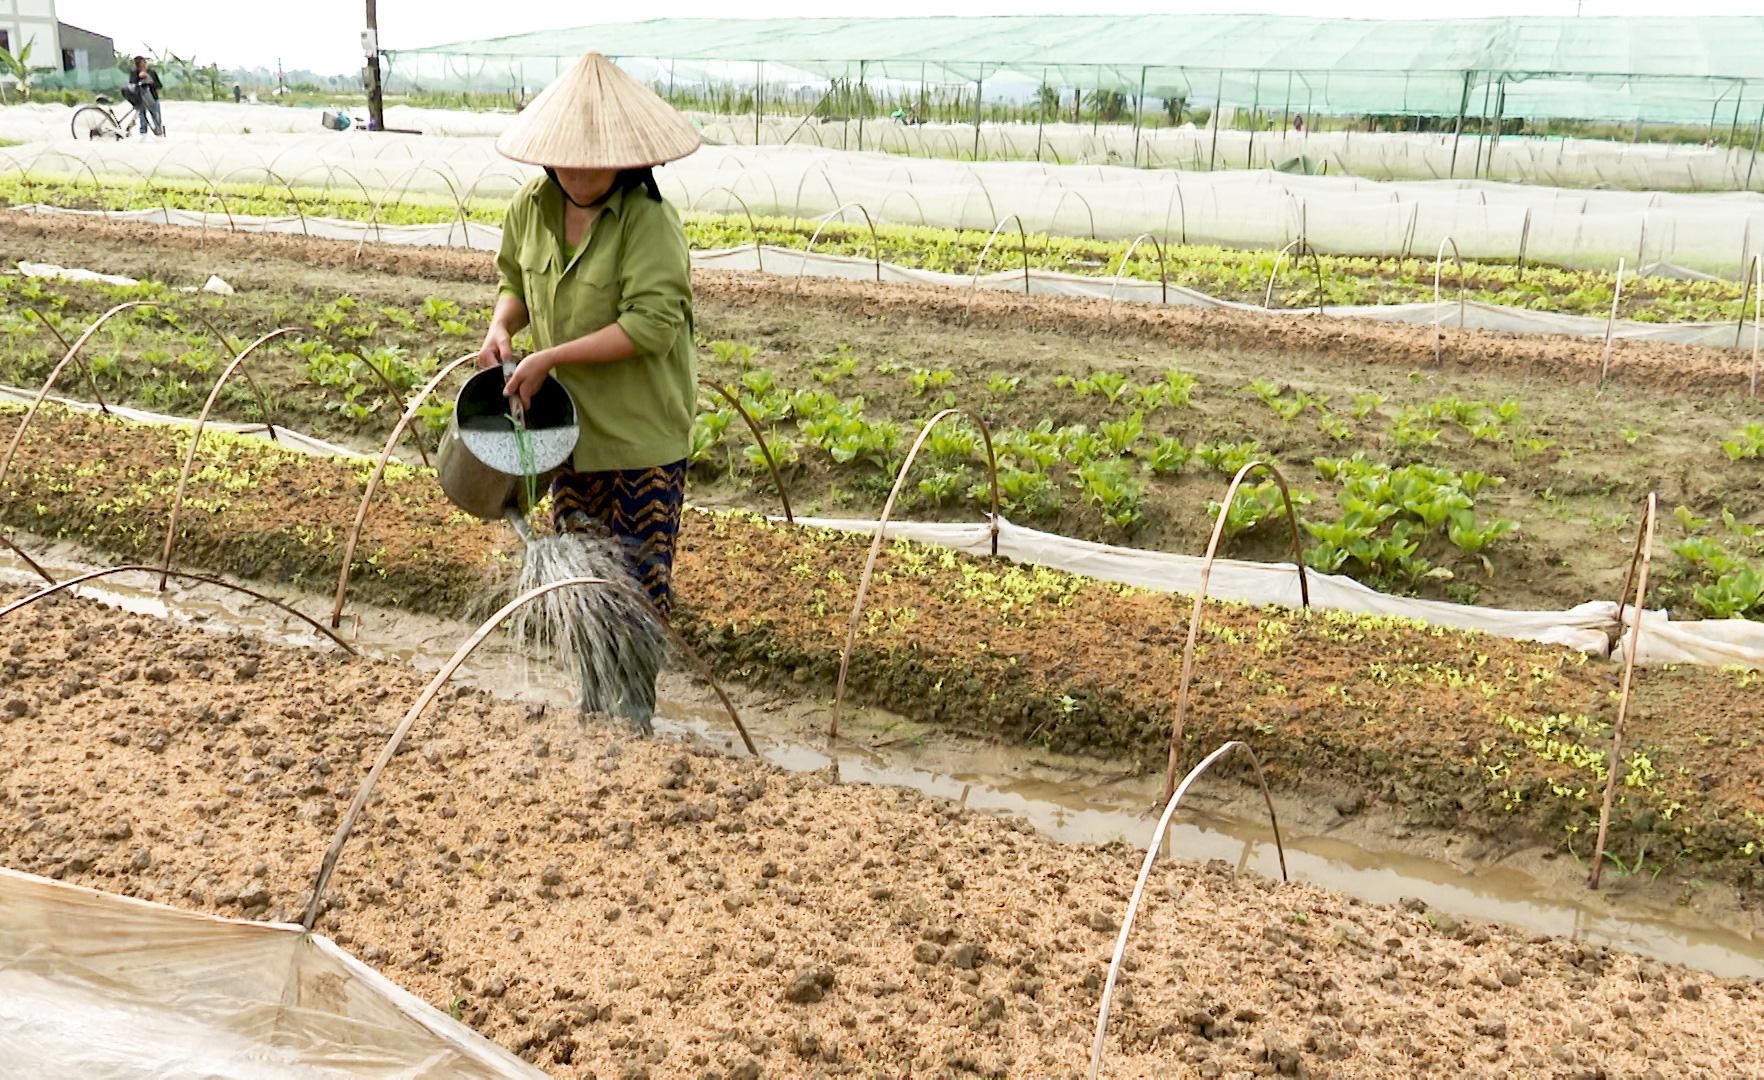 Những tỉnh nào được hỗ trợ miễn phí hạt giống để khắc phục thiệt hại do thiên tai? - Ảnh 2.